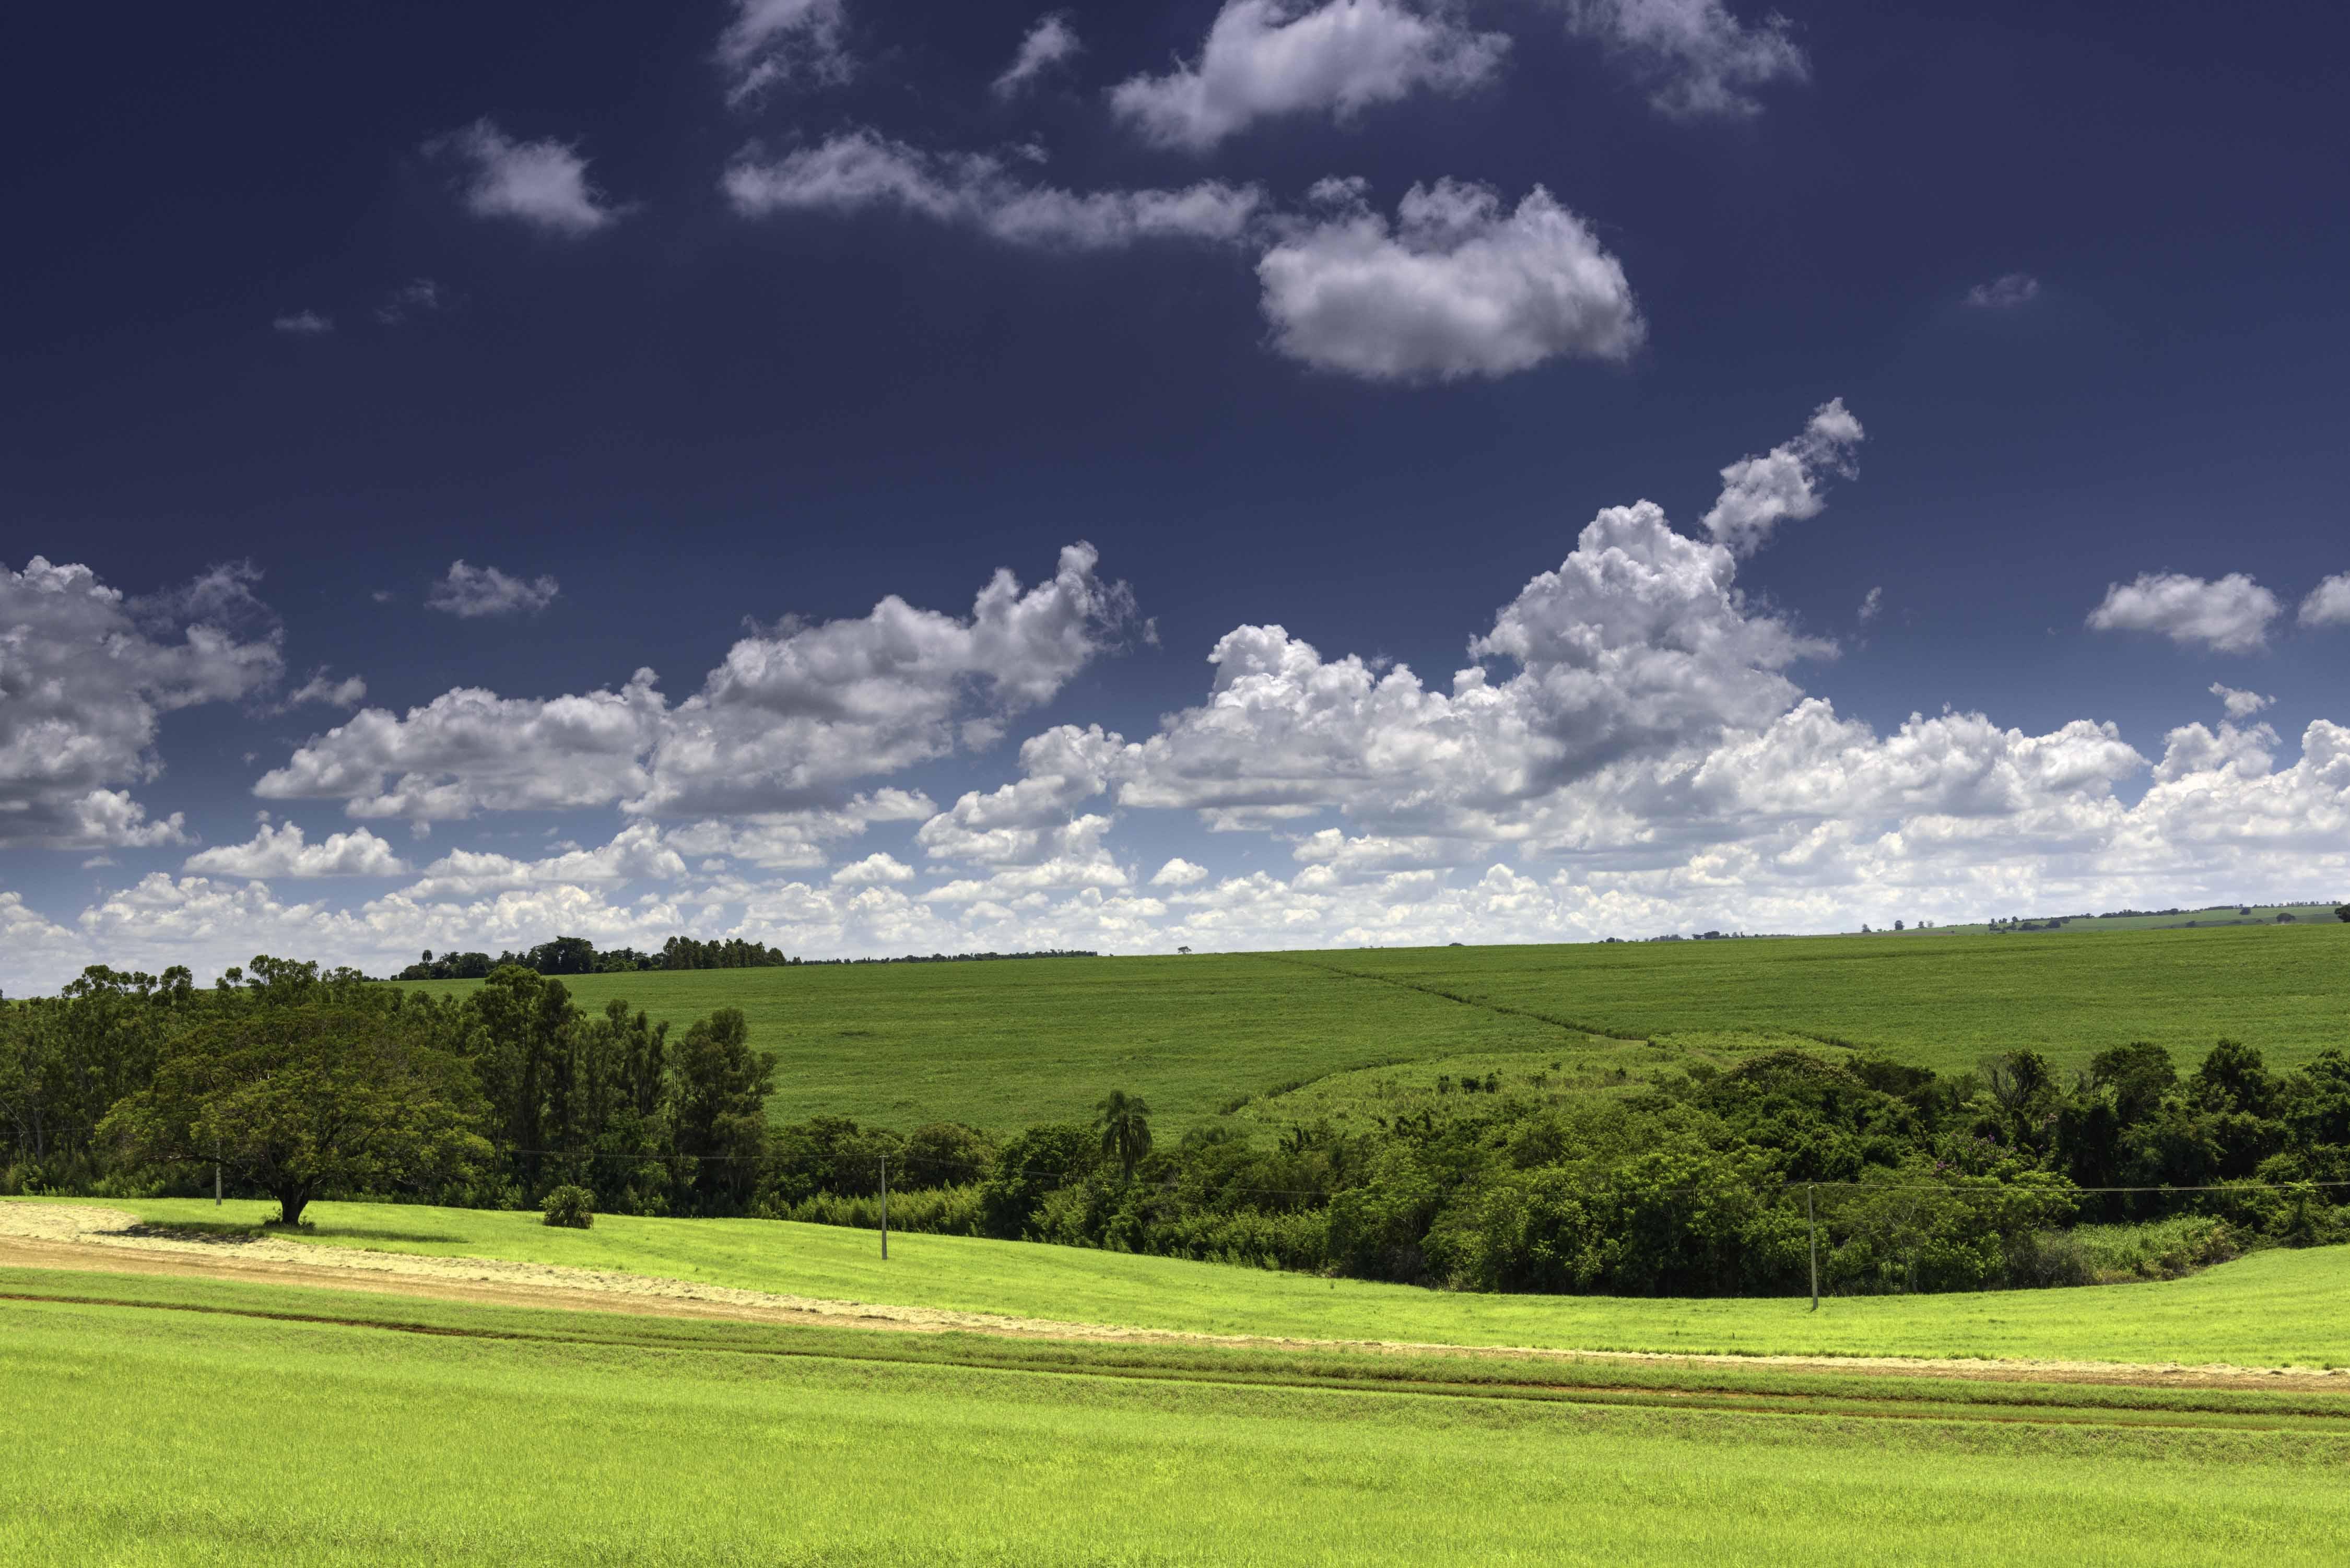 INPUT (Iniciativa para o Uso da Terra): Agroicone atua pela implementação do novo Código Florestal brasileiro